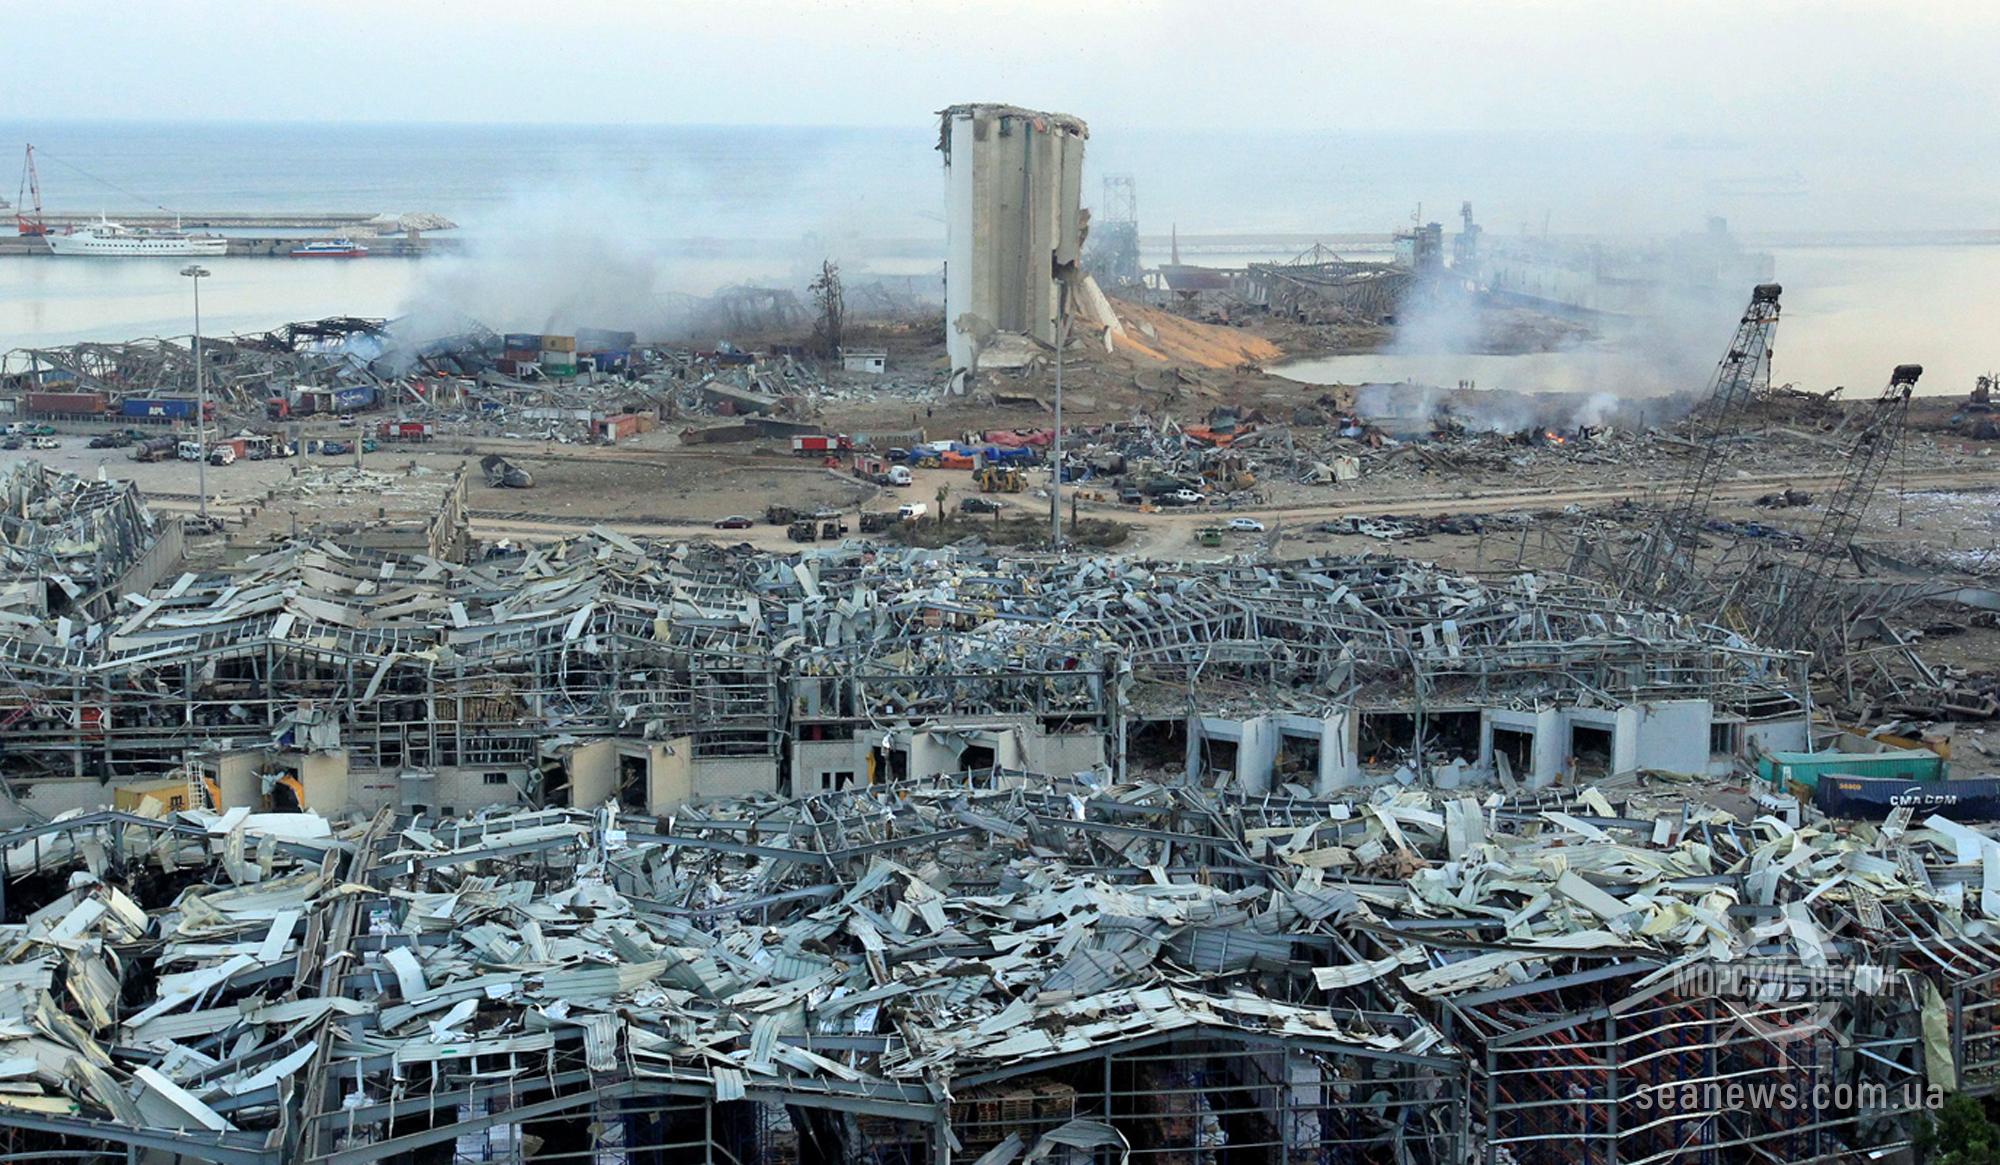 Страховые компании Бейрута могут отказаться покрывать миллиардные убытки из-за взрыва в порту